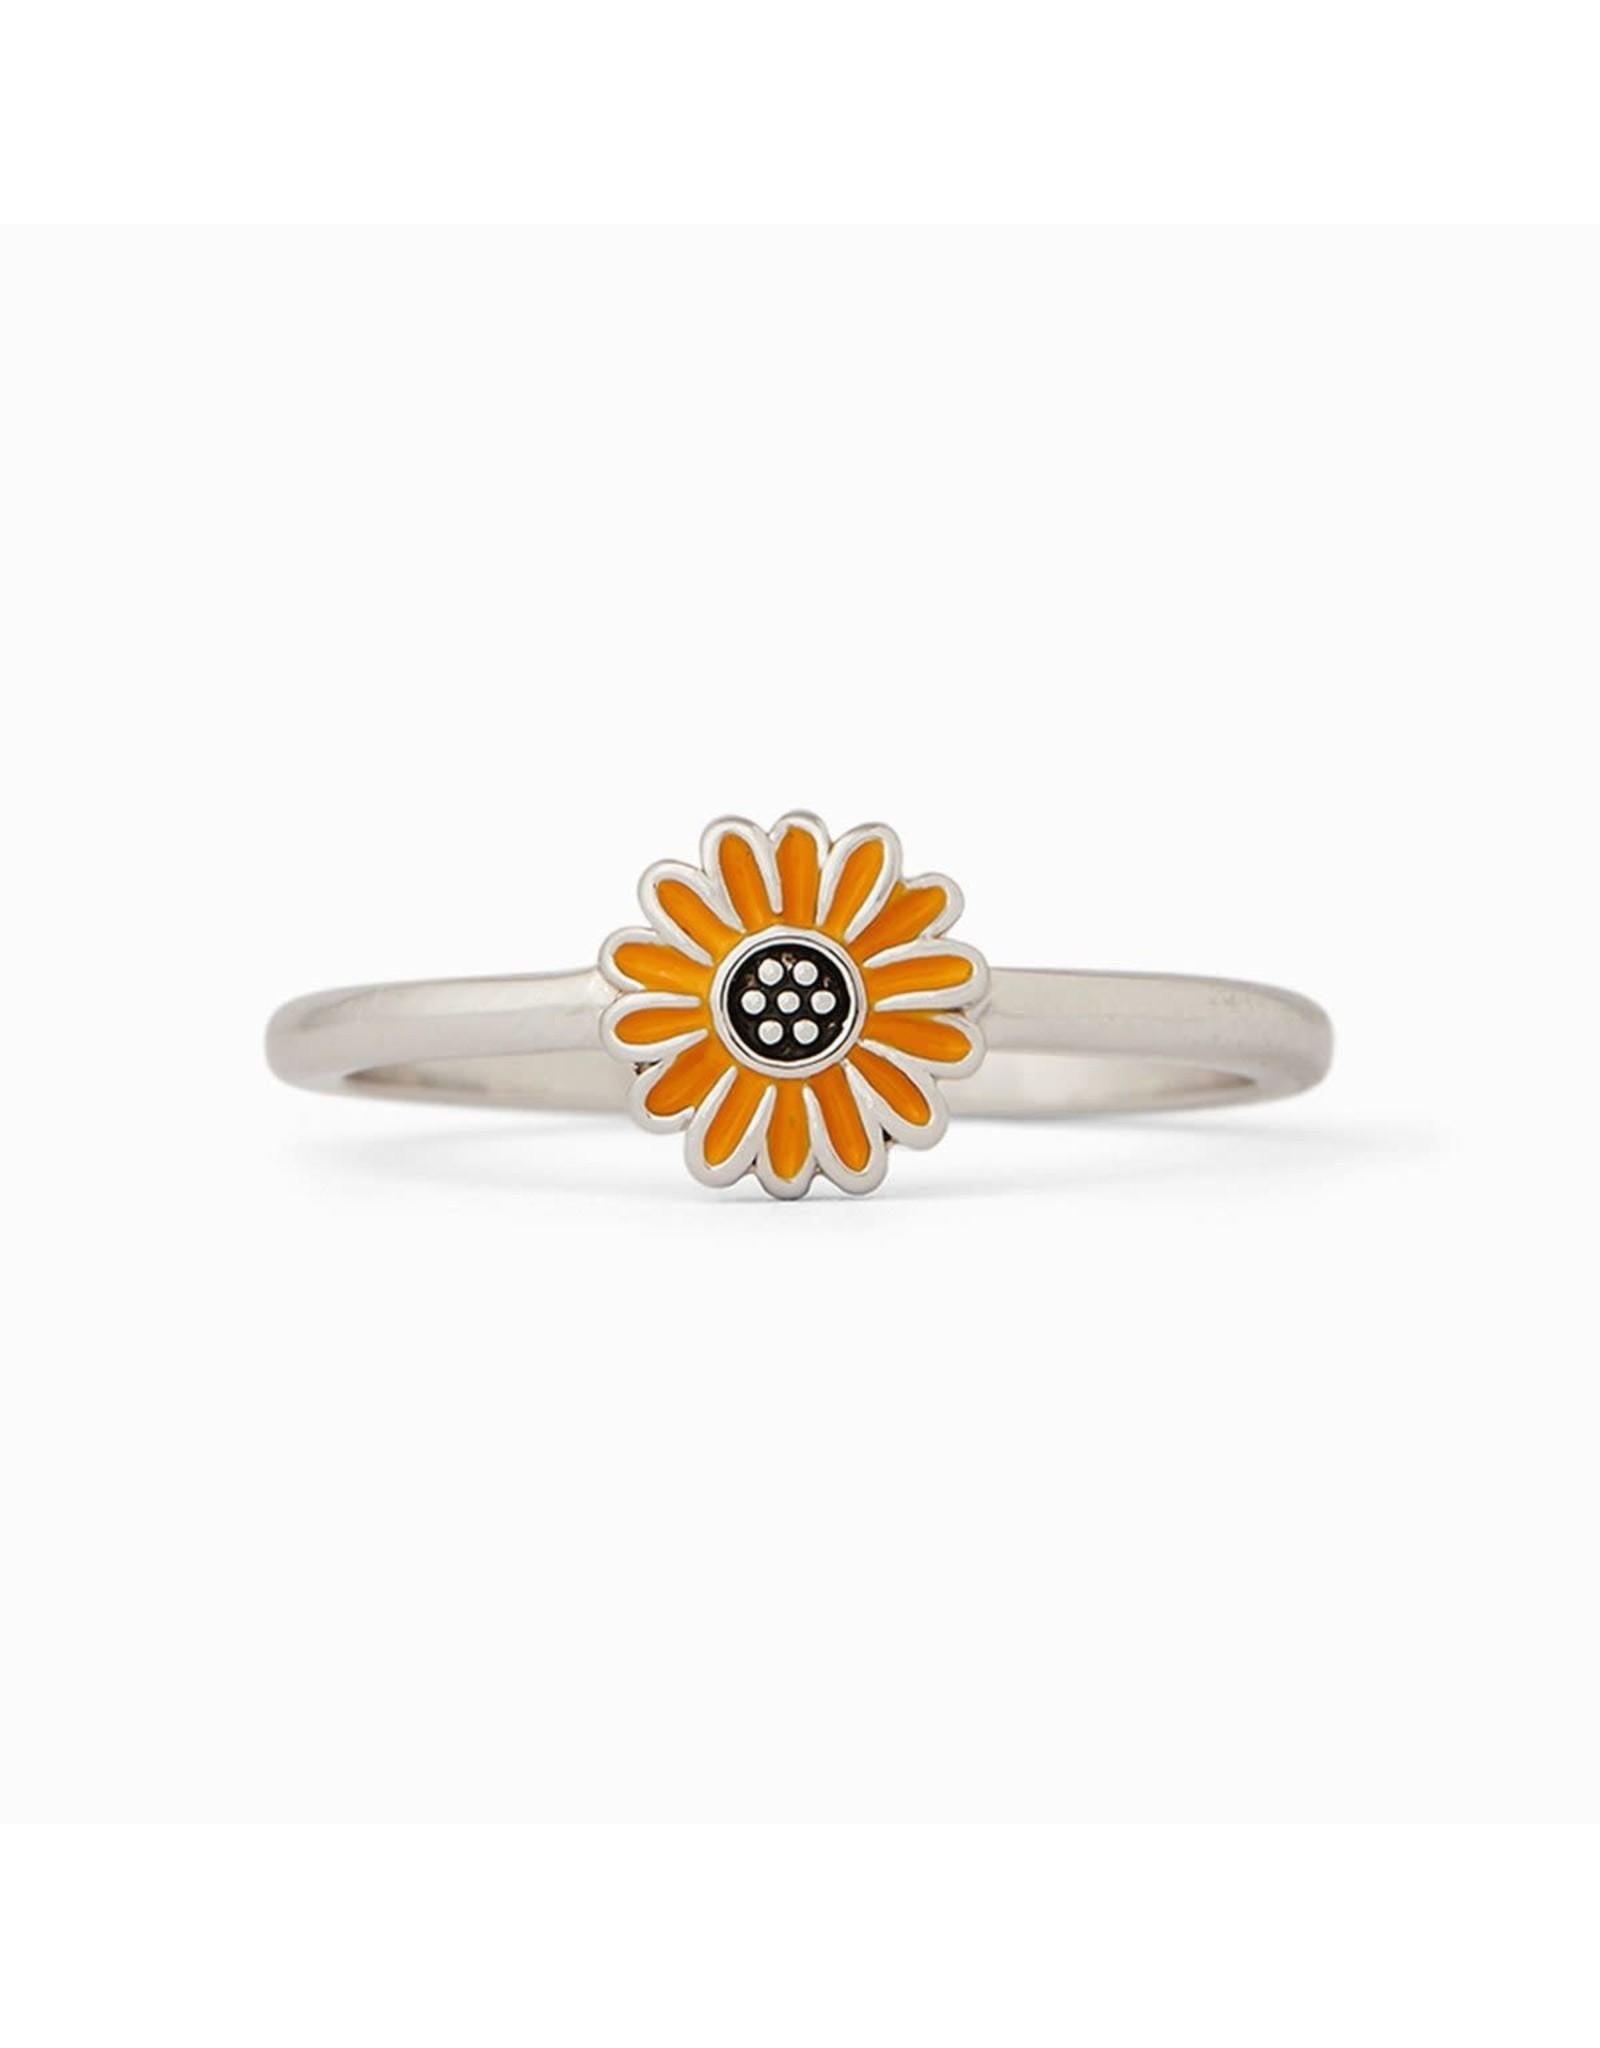 Sunflower Ring, Pura Vida